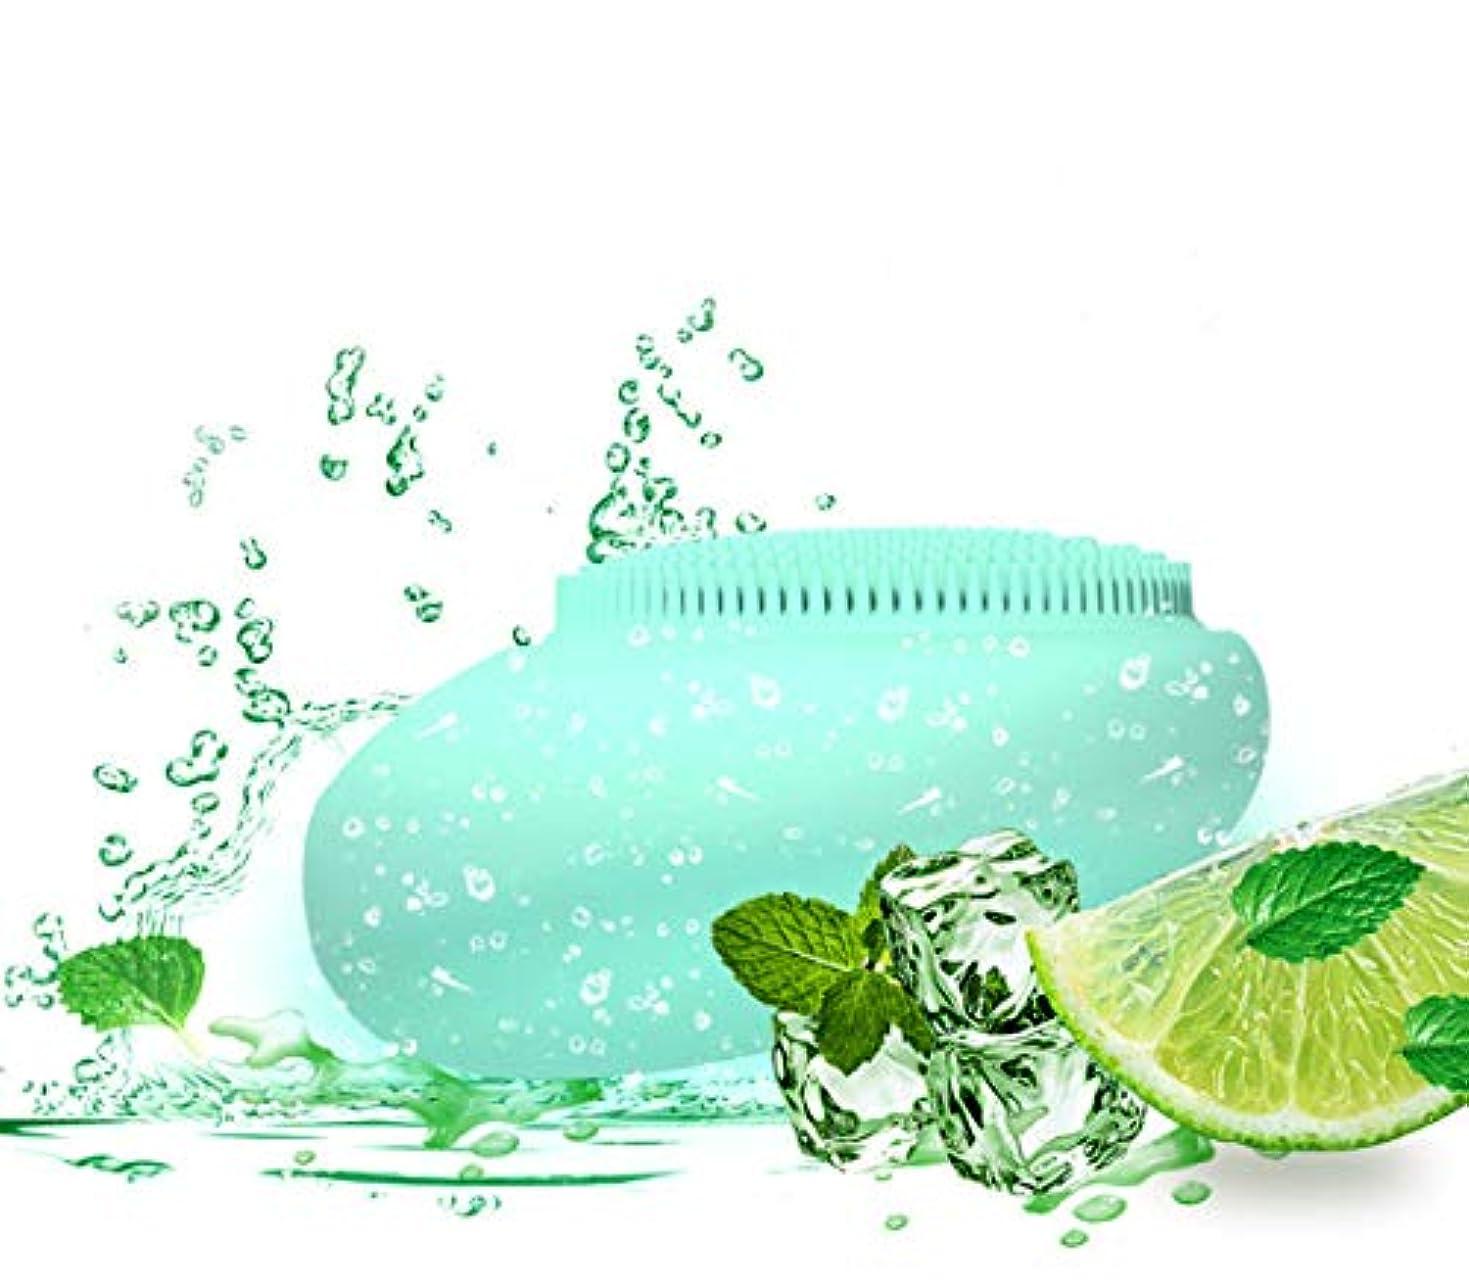 インディカ他のバンドでスラム洗顔ブラシシリコン、電動クリーニングブラシ-肌のクレンジングに役立ちます-クレンジングブラシ-すべての肌タイプの角質除去クレンジングブラシ-(緑)